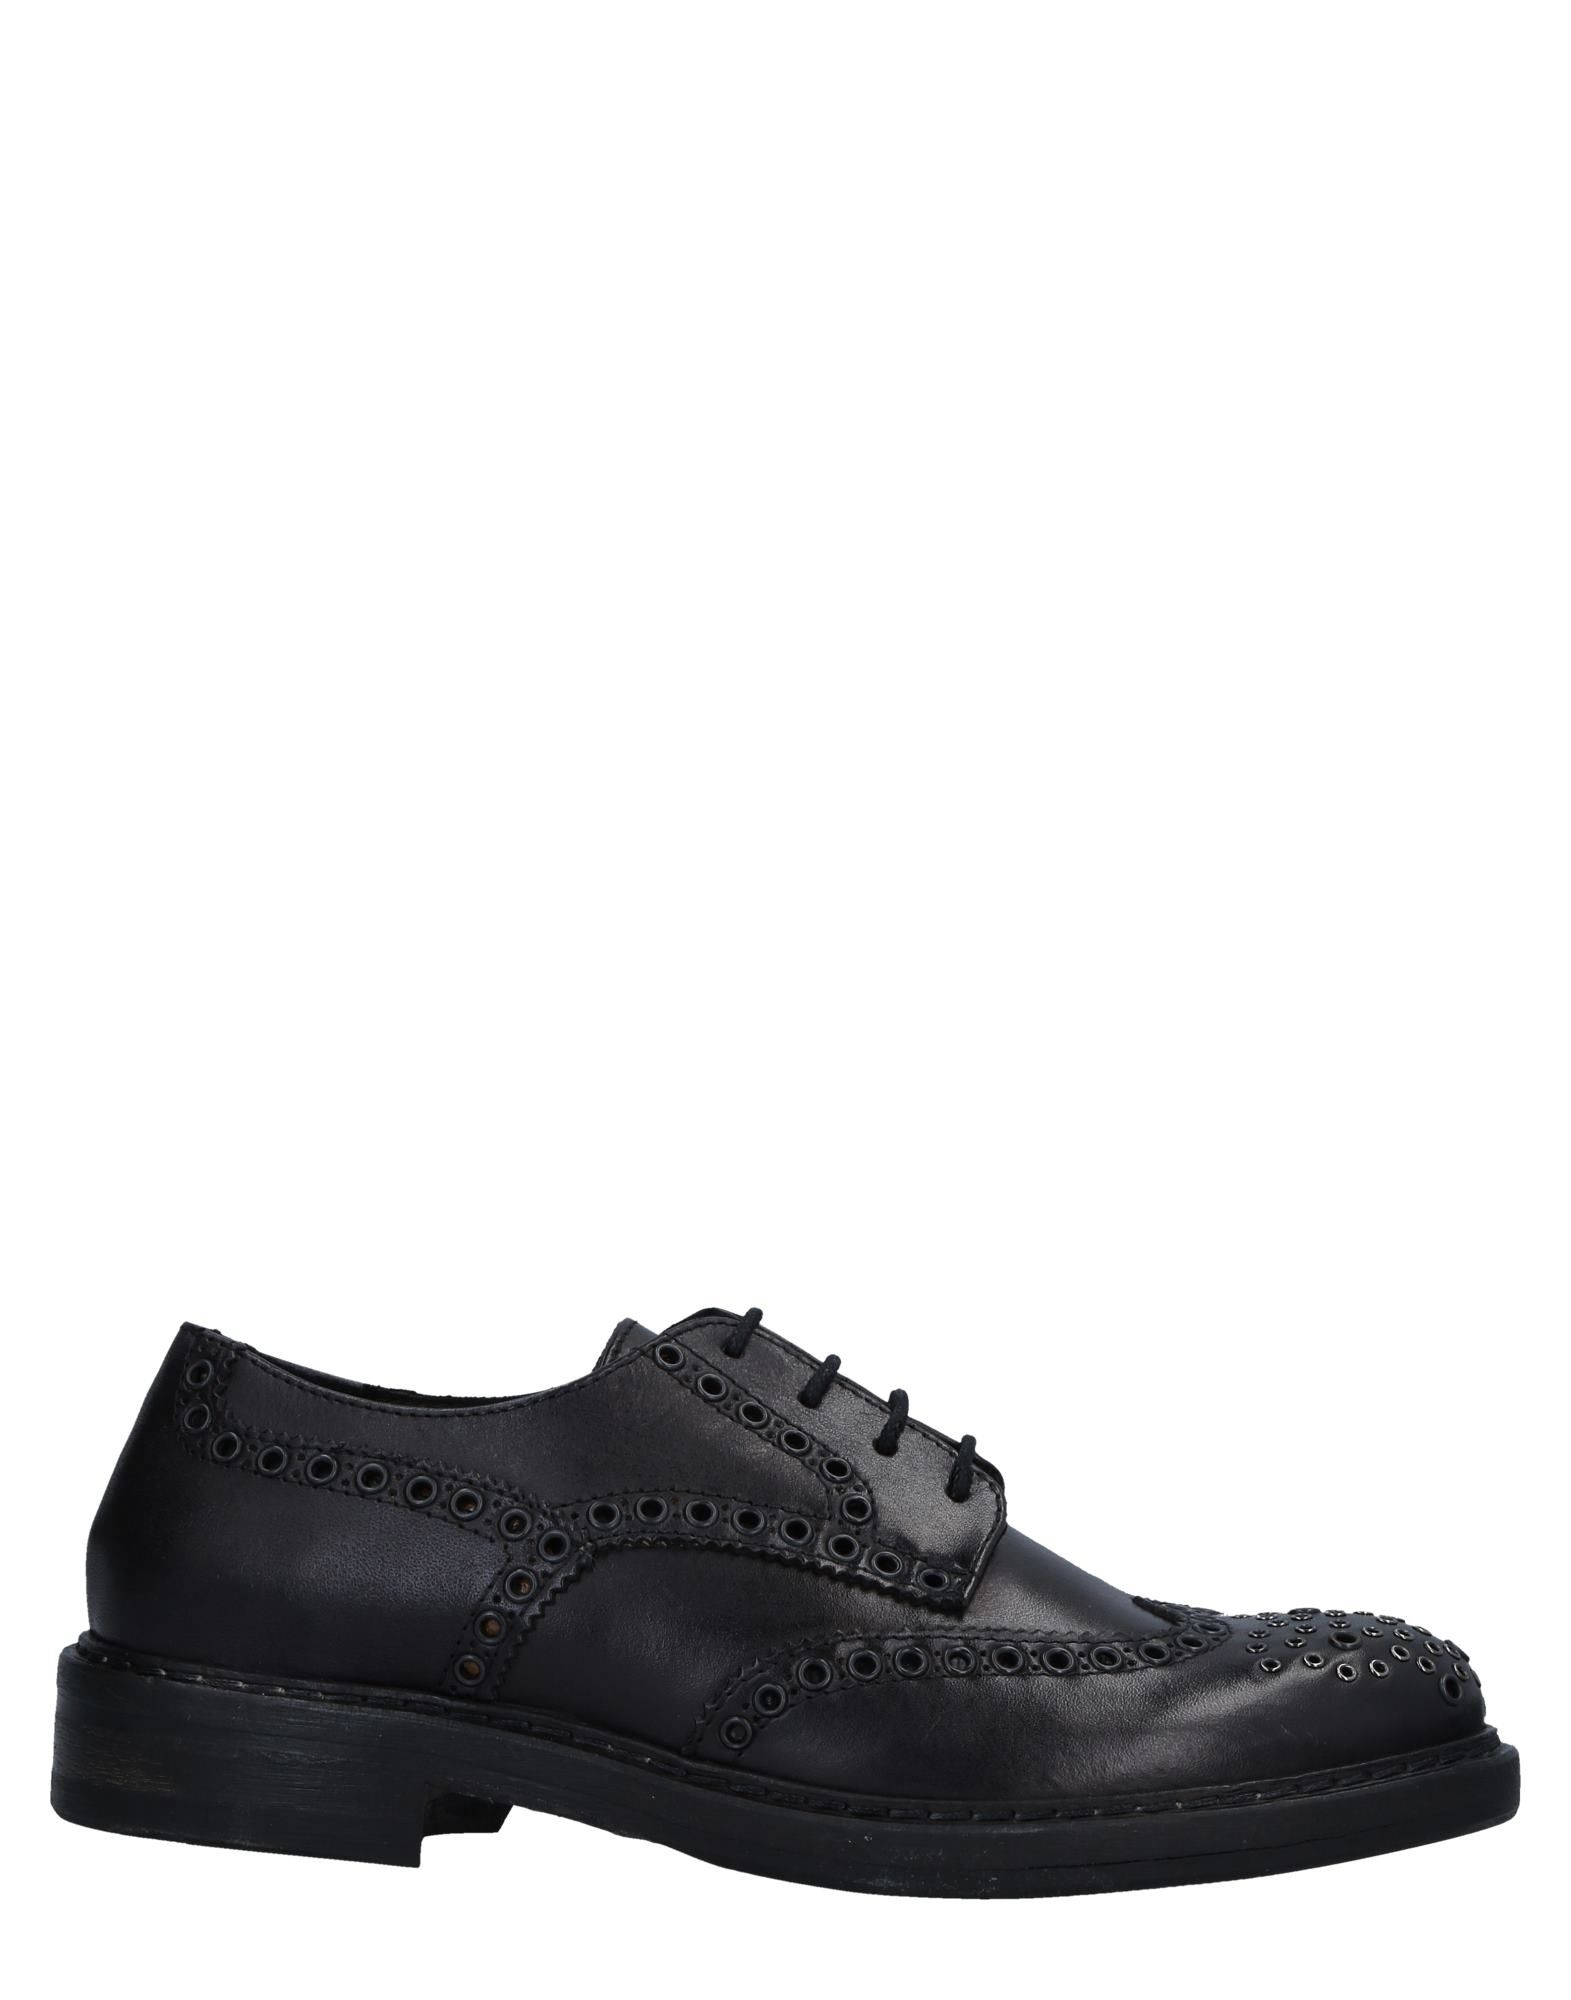 Stilvolle billige Schuhe Hundred 100 Schnürschuhe Damen Damen Damen  11515279HS 98848a